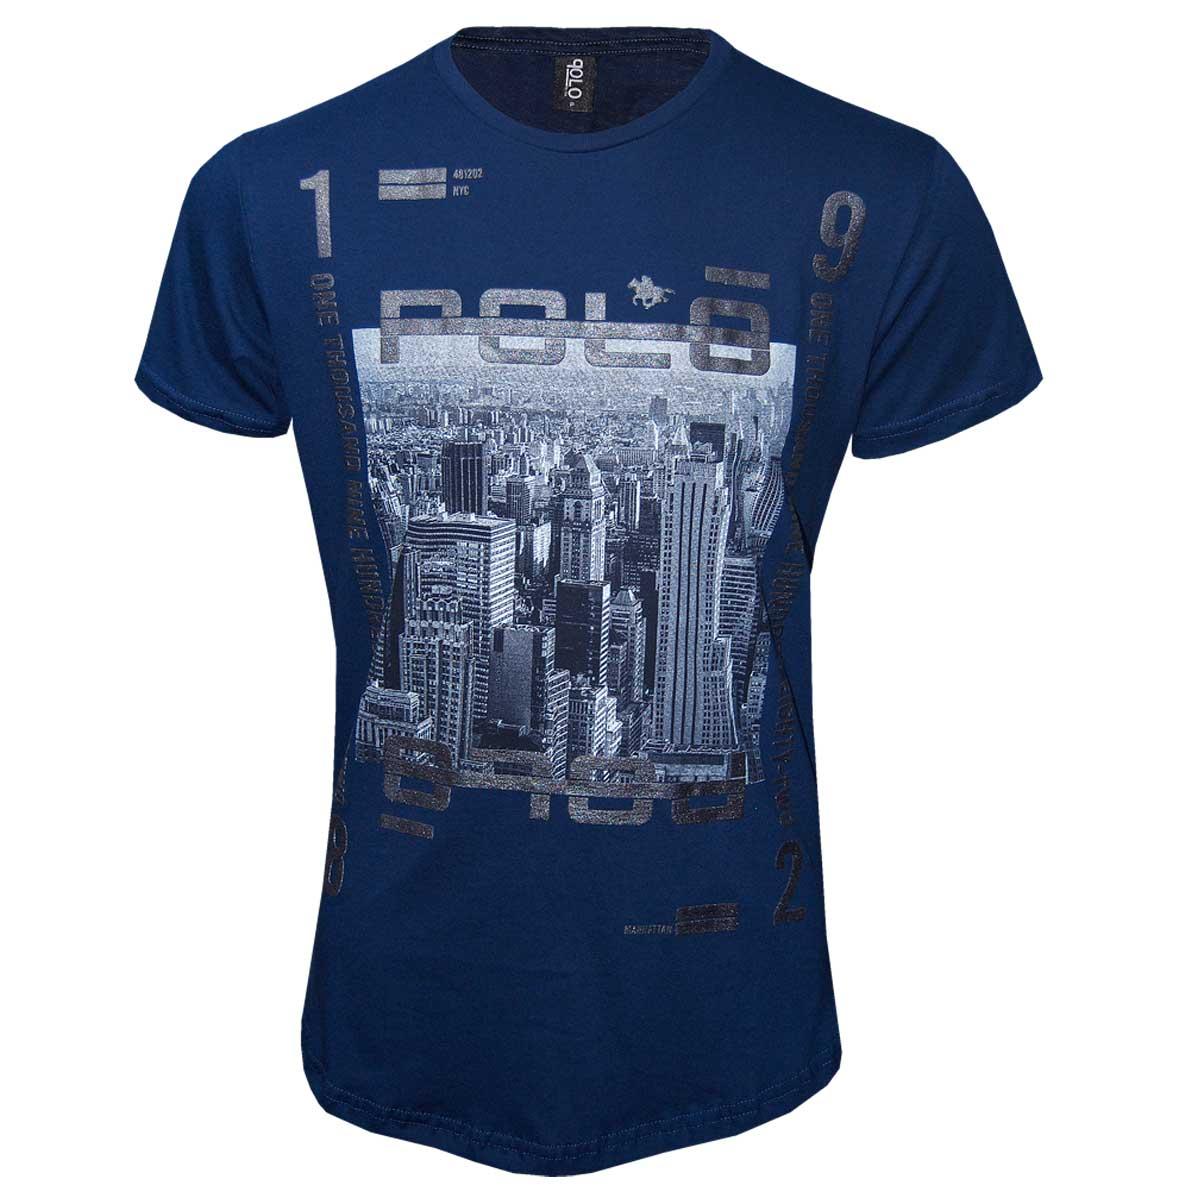 Camiseta Masculina com Estampa em Foil NYC Polo Rg518